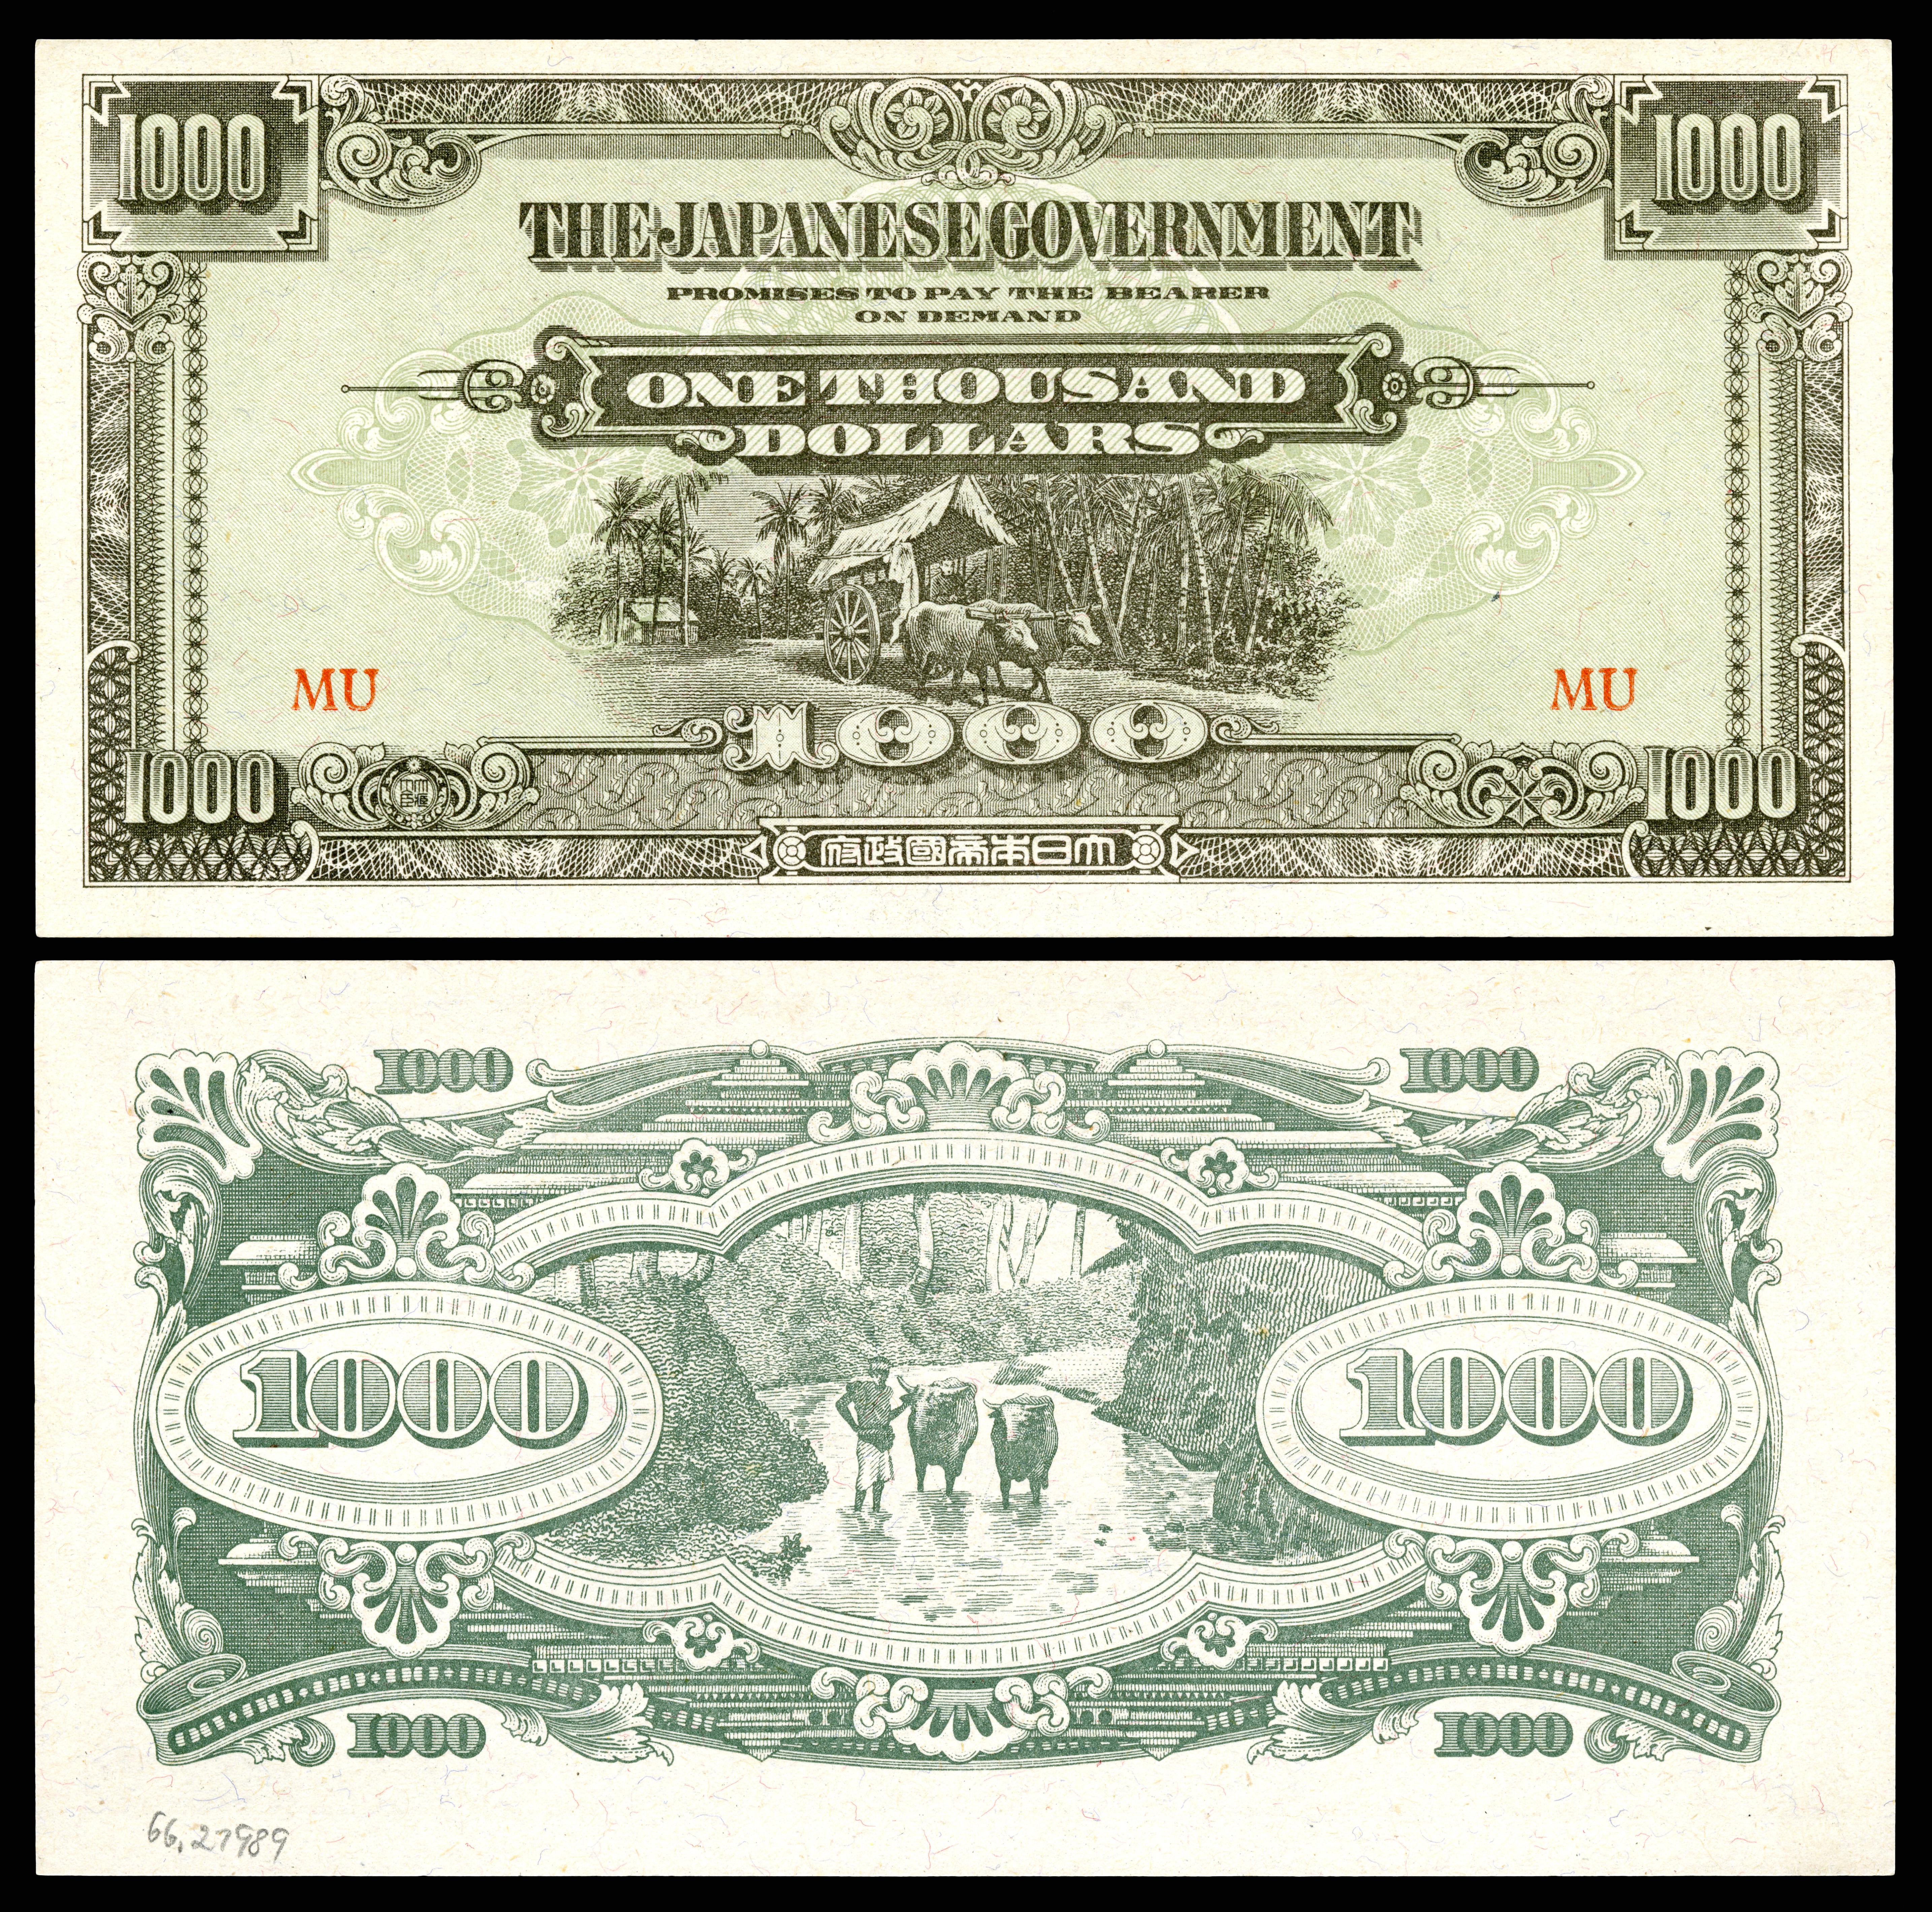 Mal M10b Malaya Anese Occupation 1000 Dollars Nd 1945